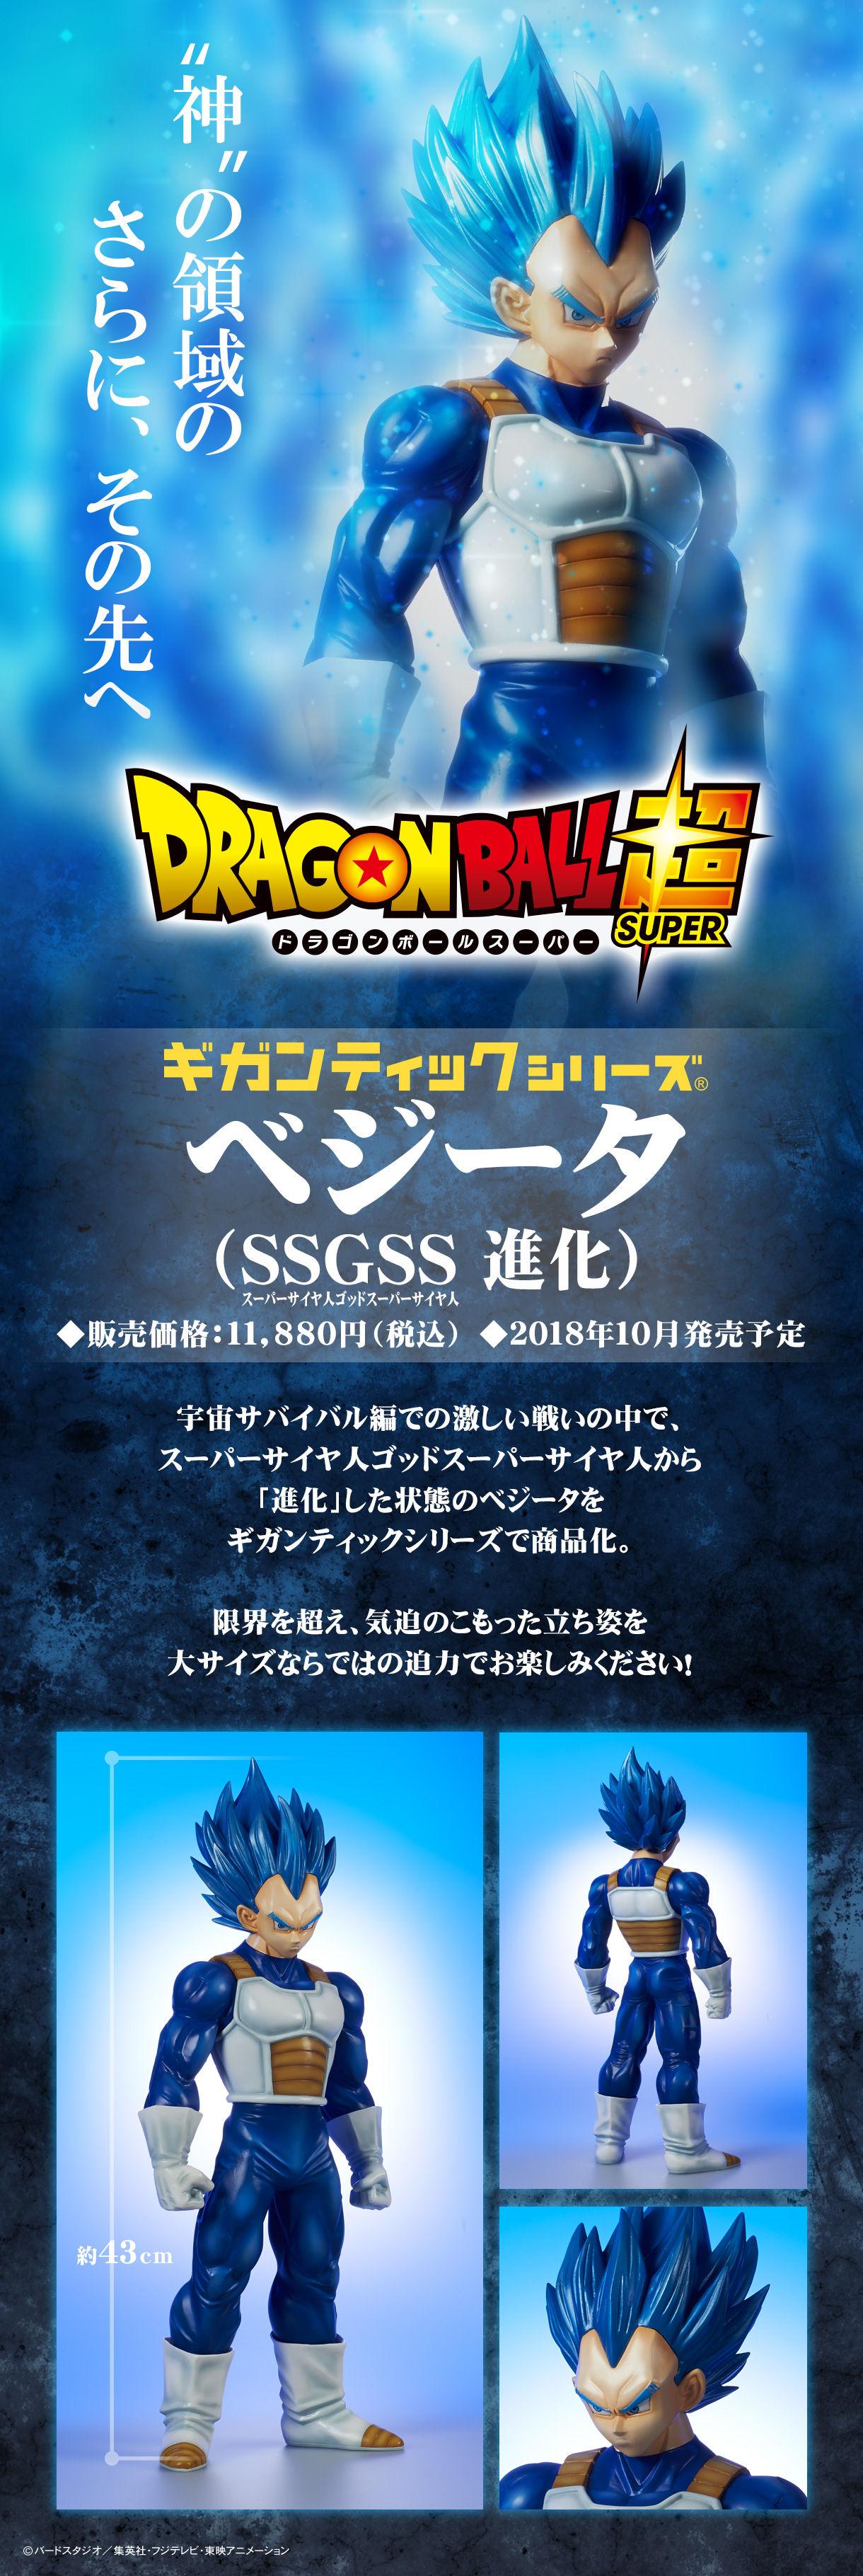 進化到神的領域!Gigantic Series《七龍珠超》貝吉塔(SSGSS 進化)!ギガンティックシリーズ ドラゴンボール超 ベジータ(SSGSS 進化)